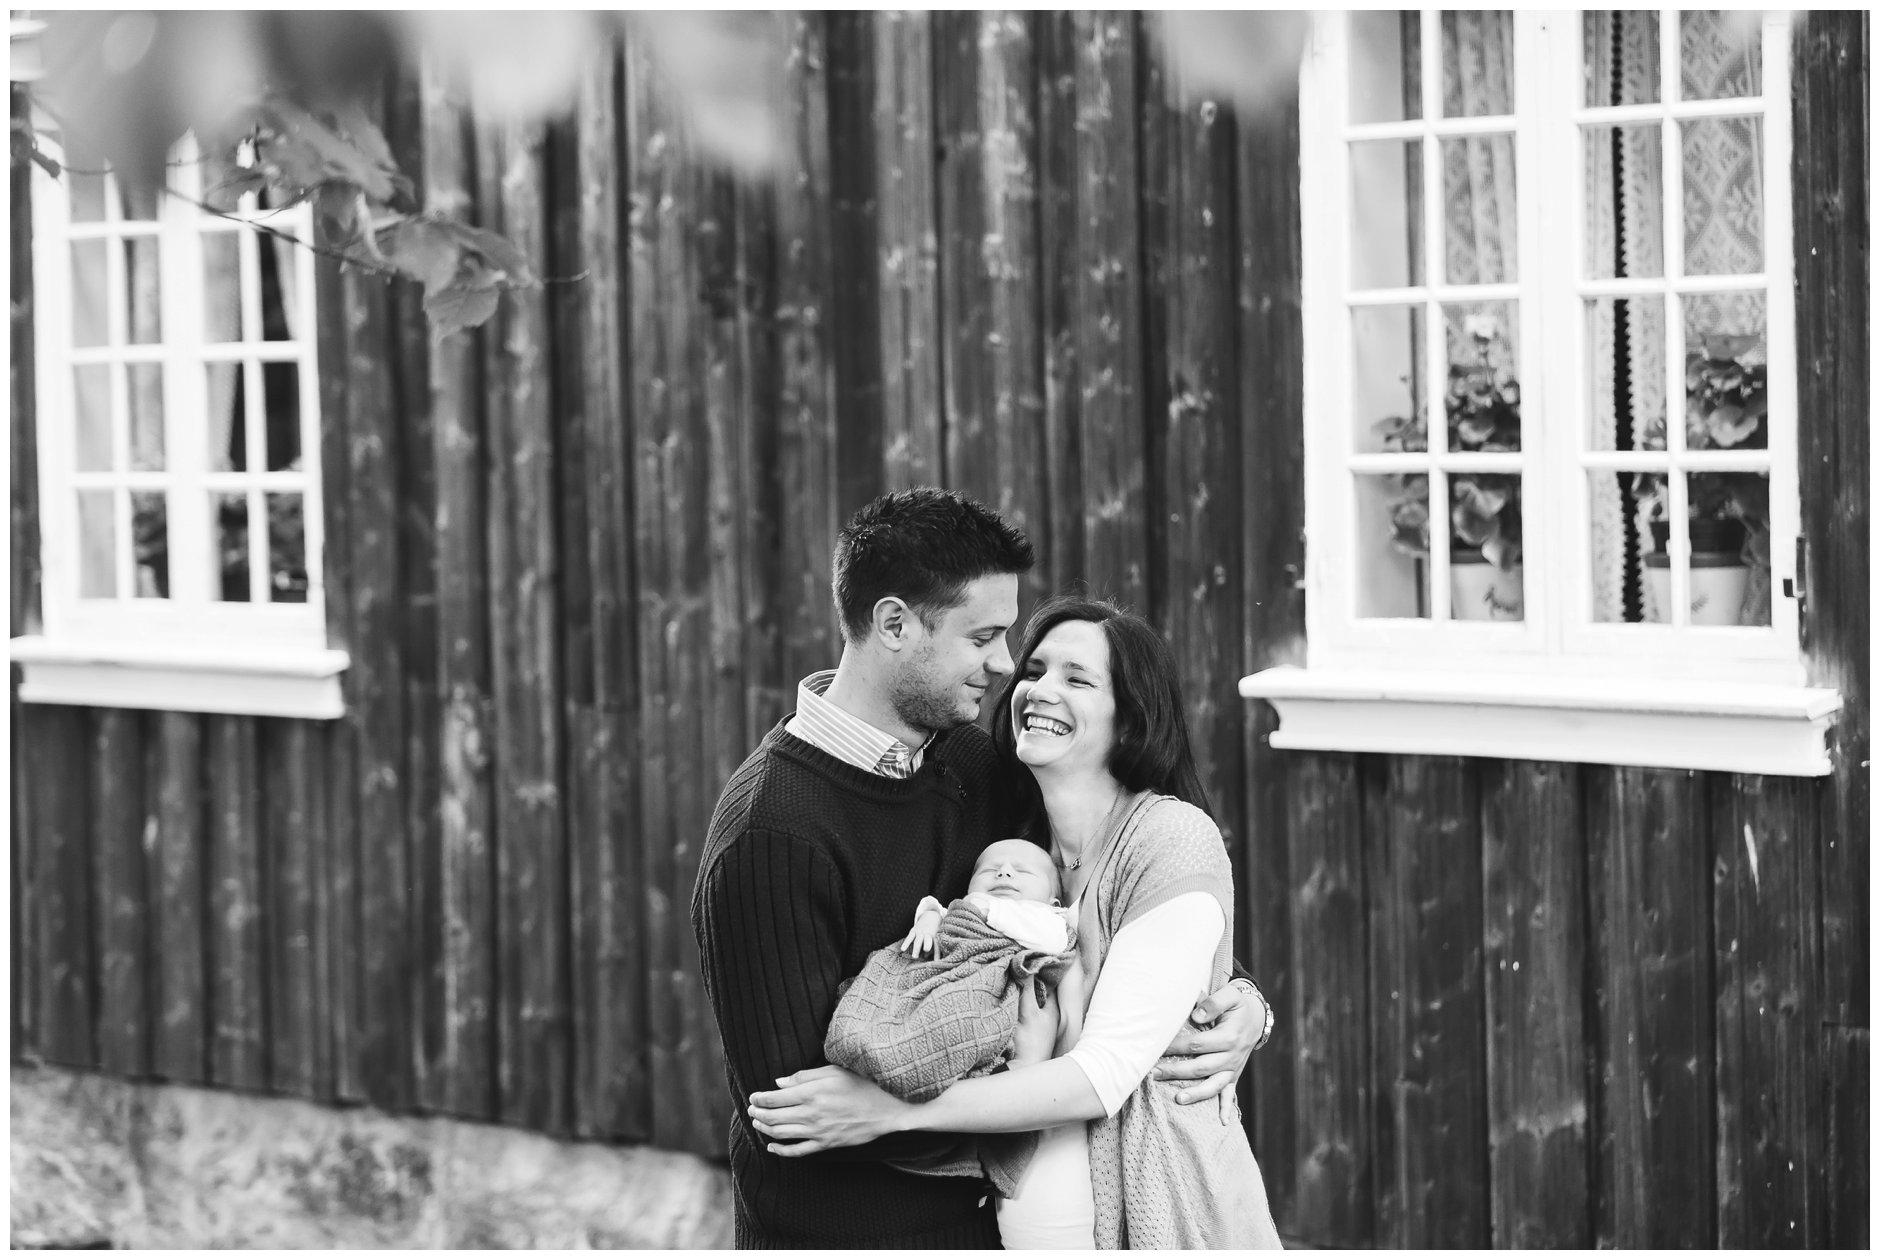 Fotograf-Eline-Jacobine-Utendørs-nyfødtfotografering-Sander_0017